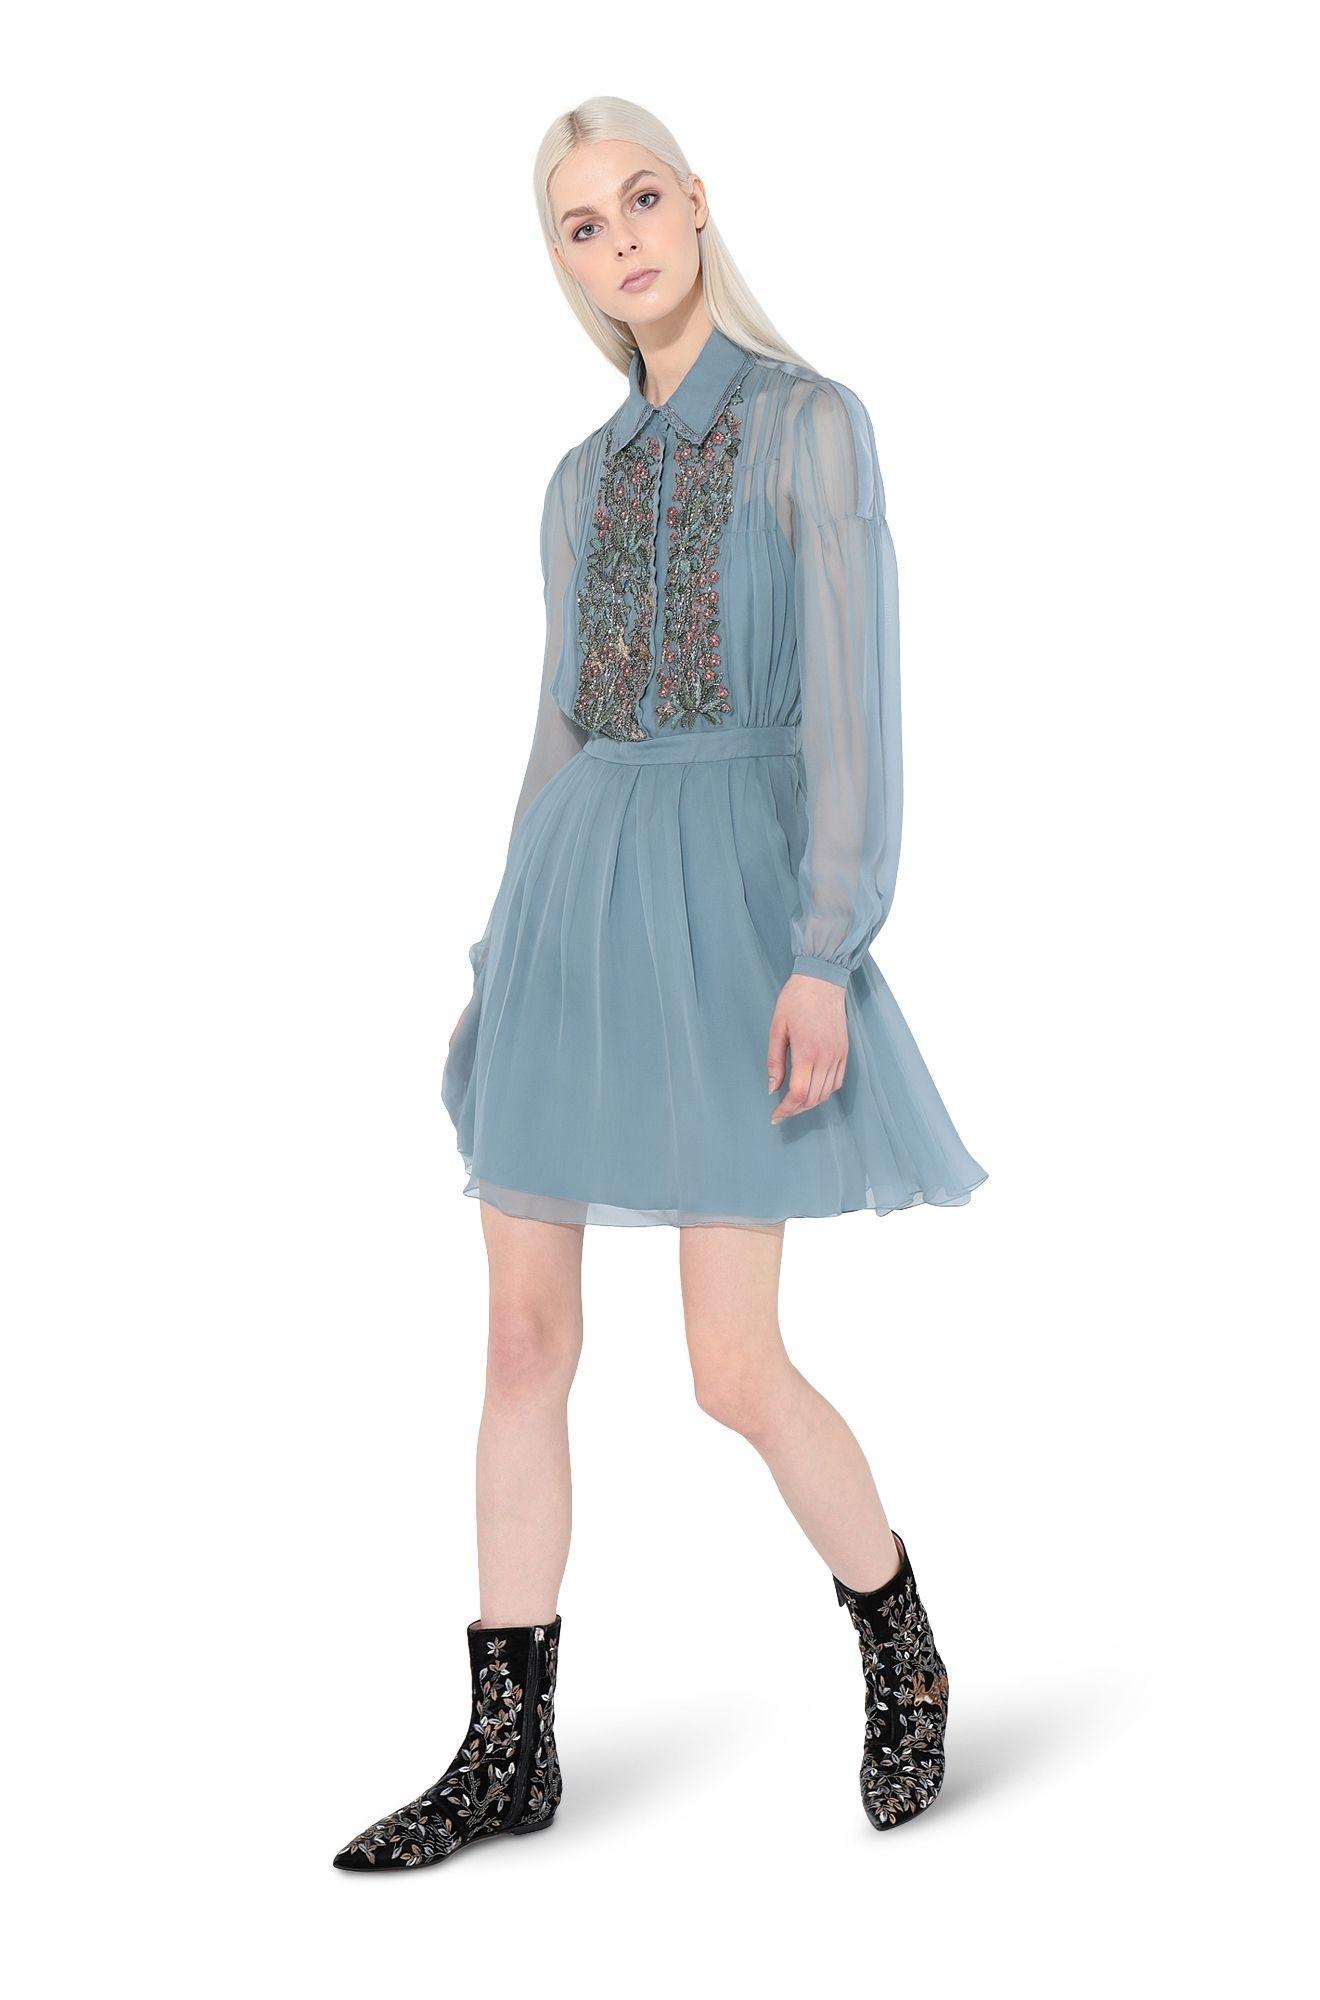 Elegant Suche Kleider für 201915 Kreativ Suche Kleider für 2019